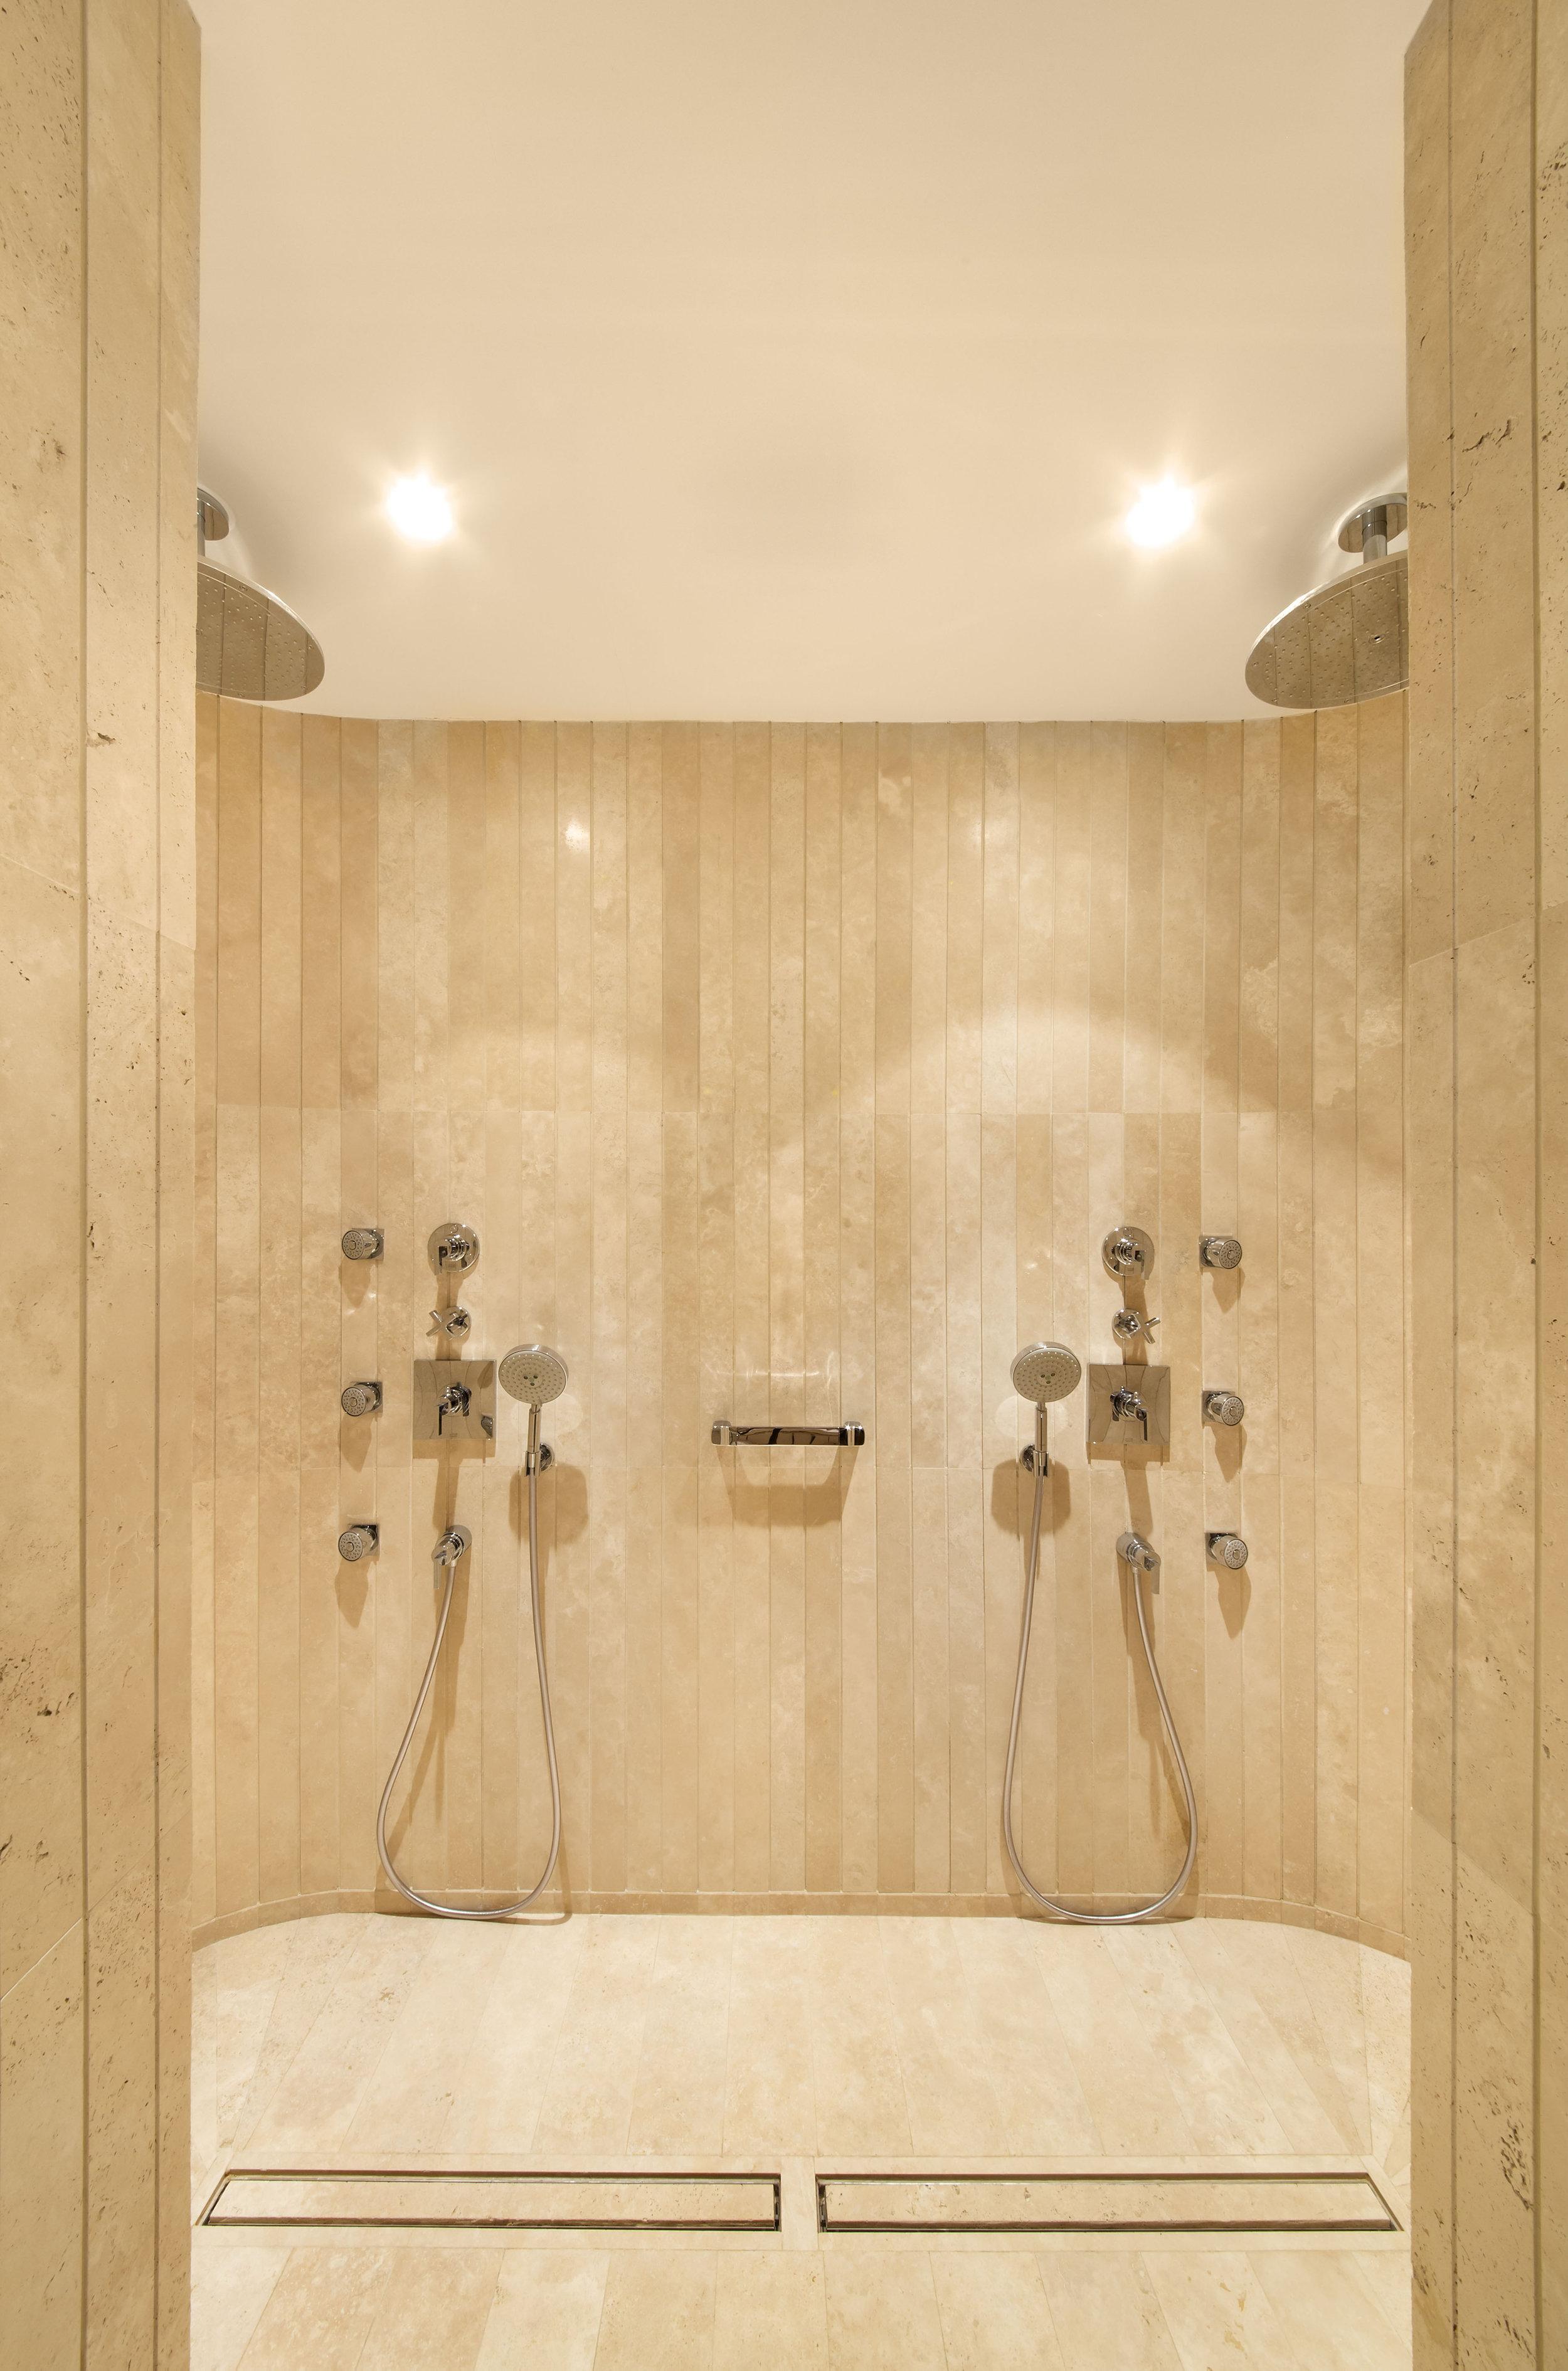 miras-villa_private-architecture-interior-design_coordination-berlin_08.jpg